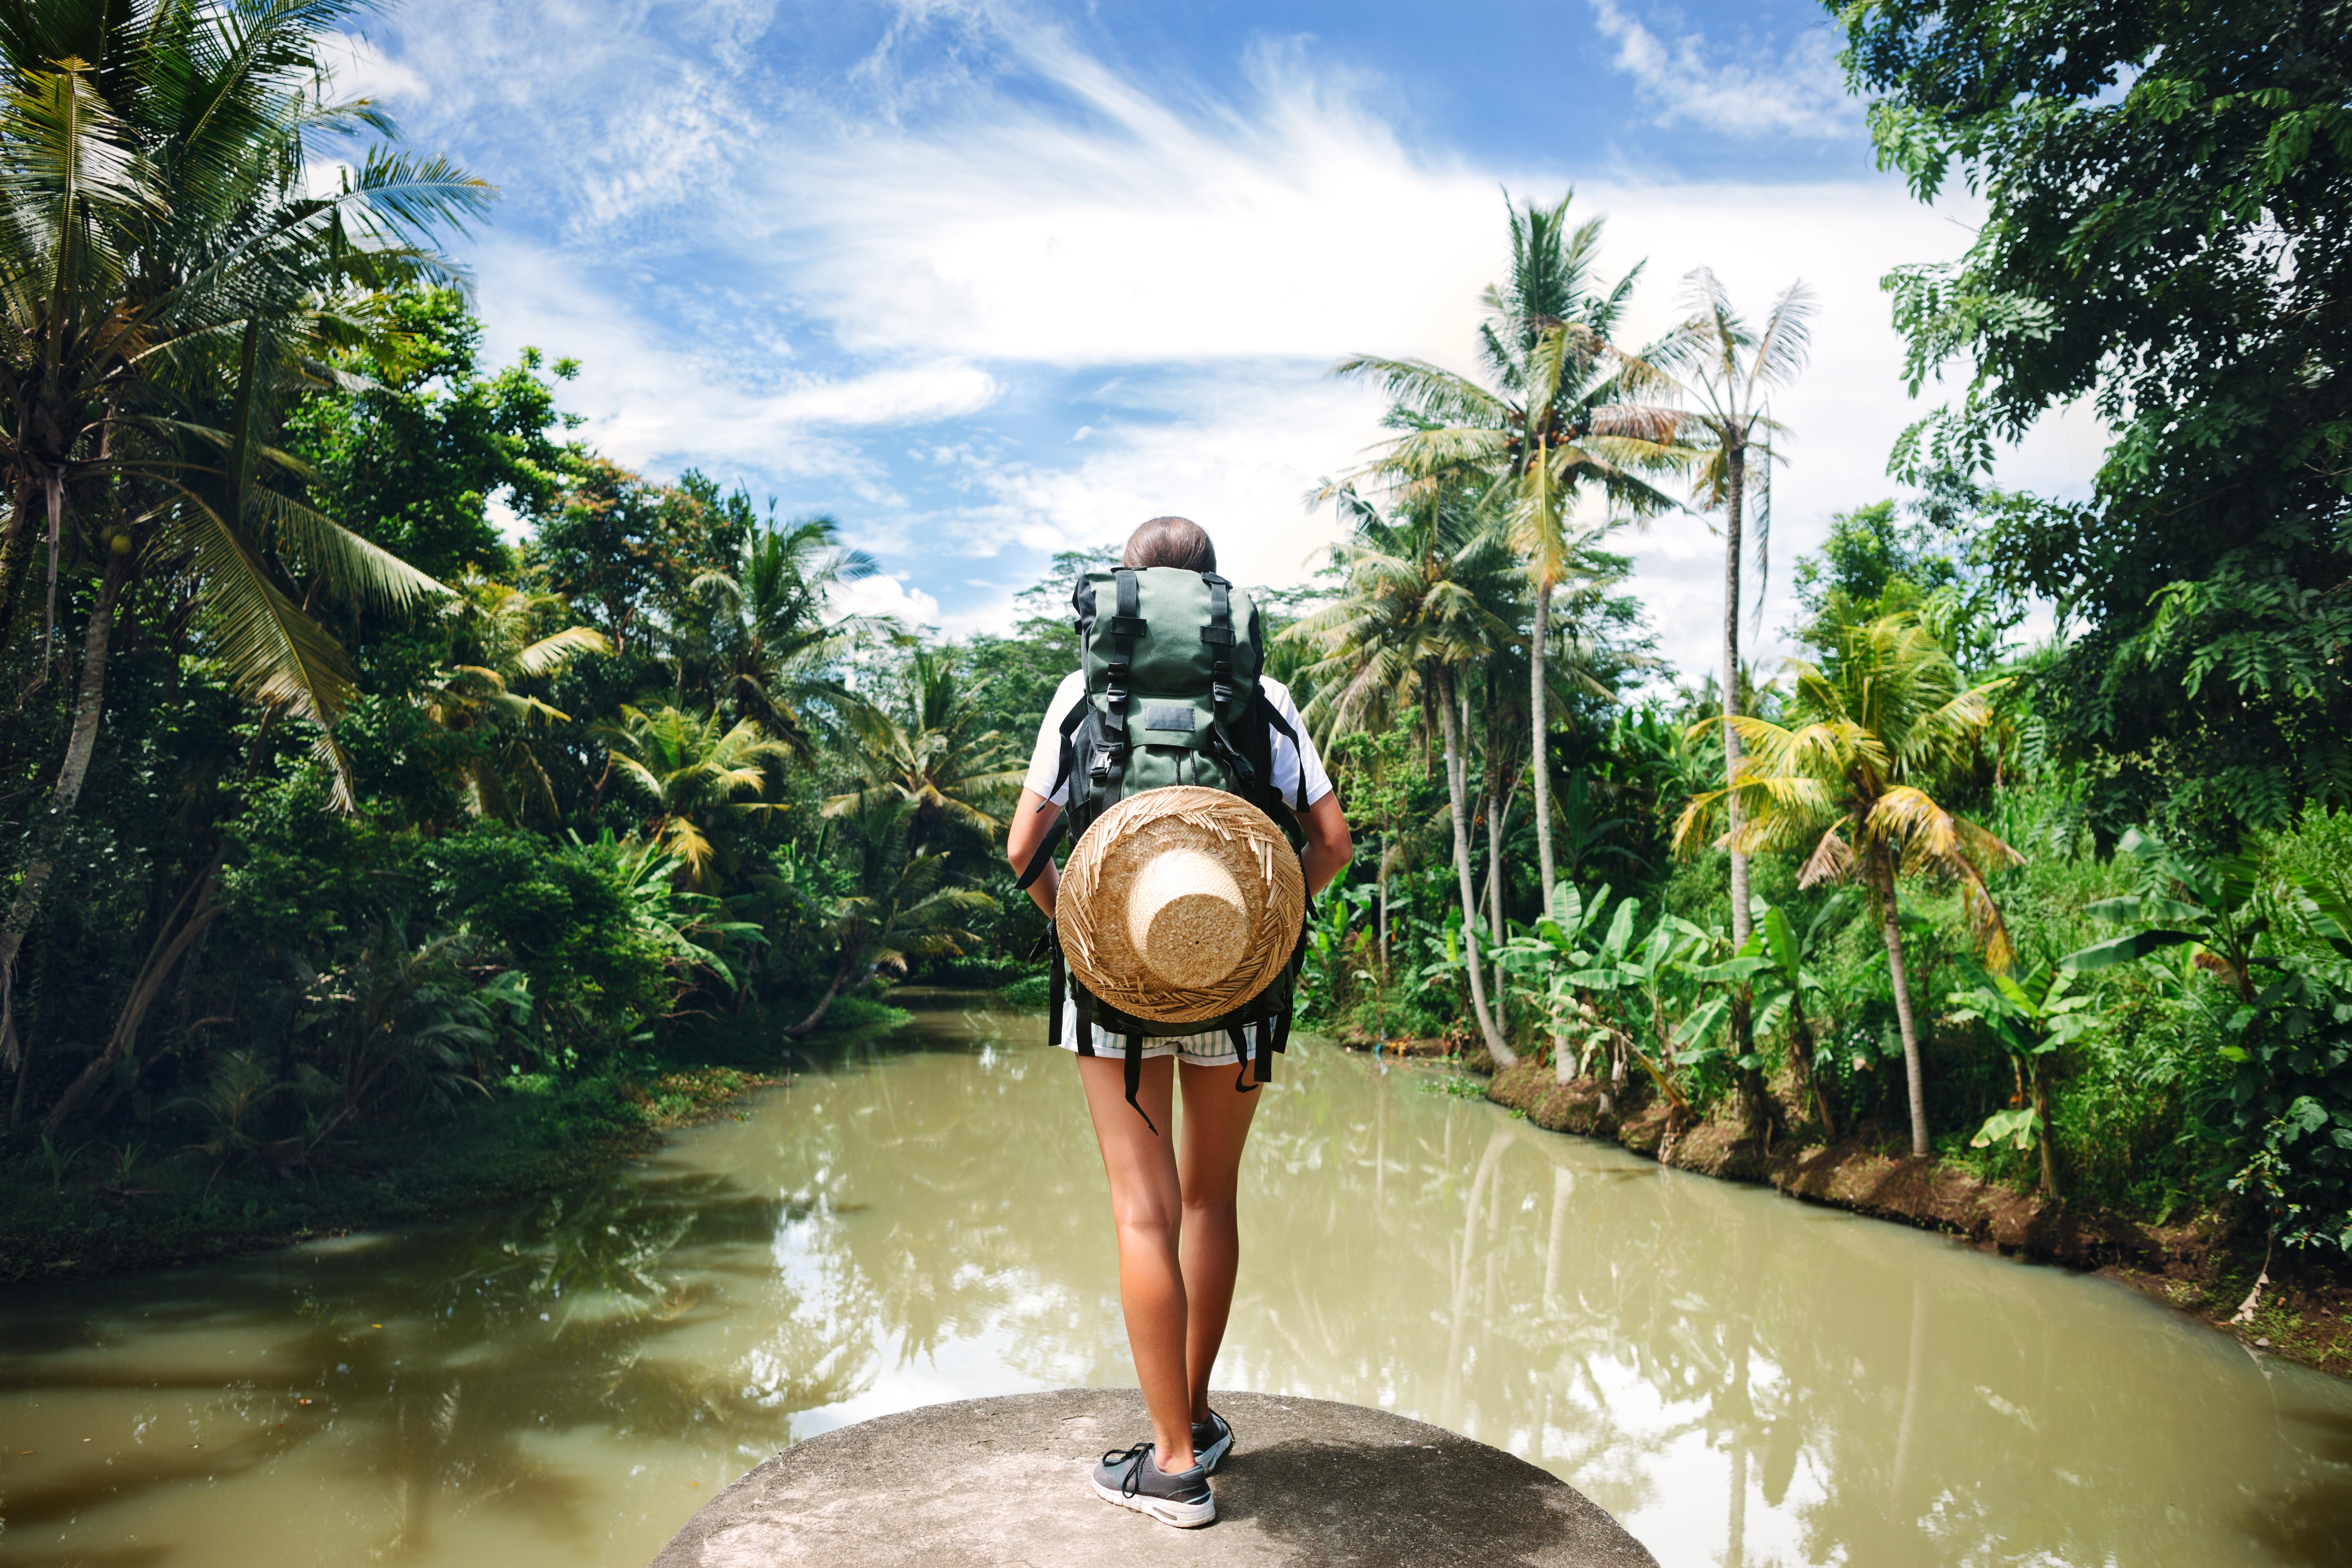 Conheça a melhor maneira de garantir uma viagem sem imprevistos